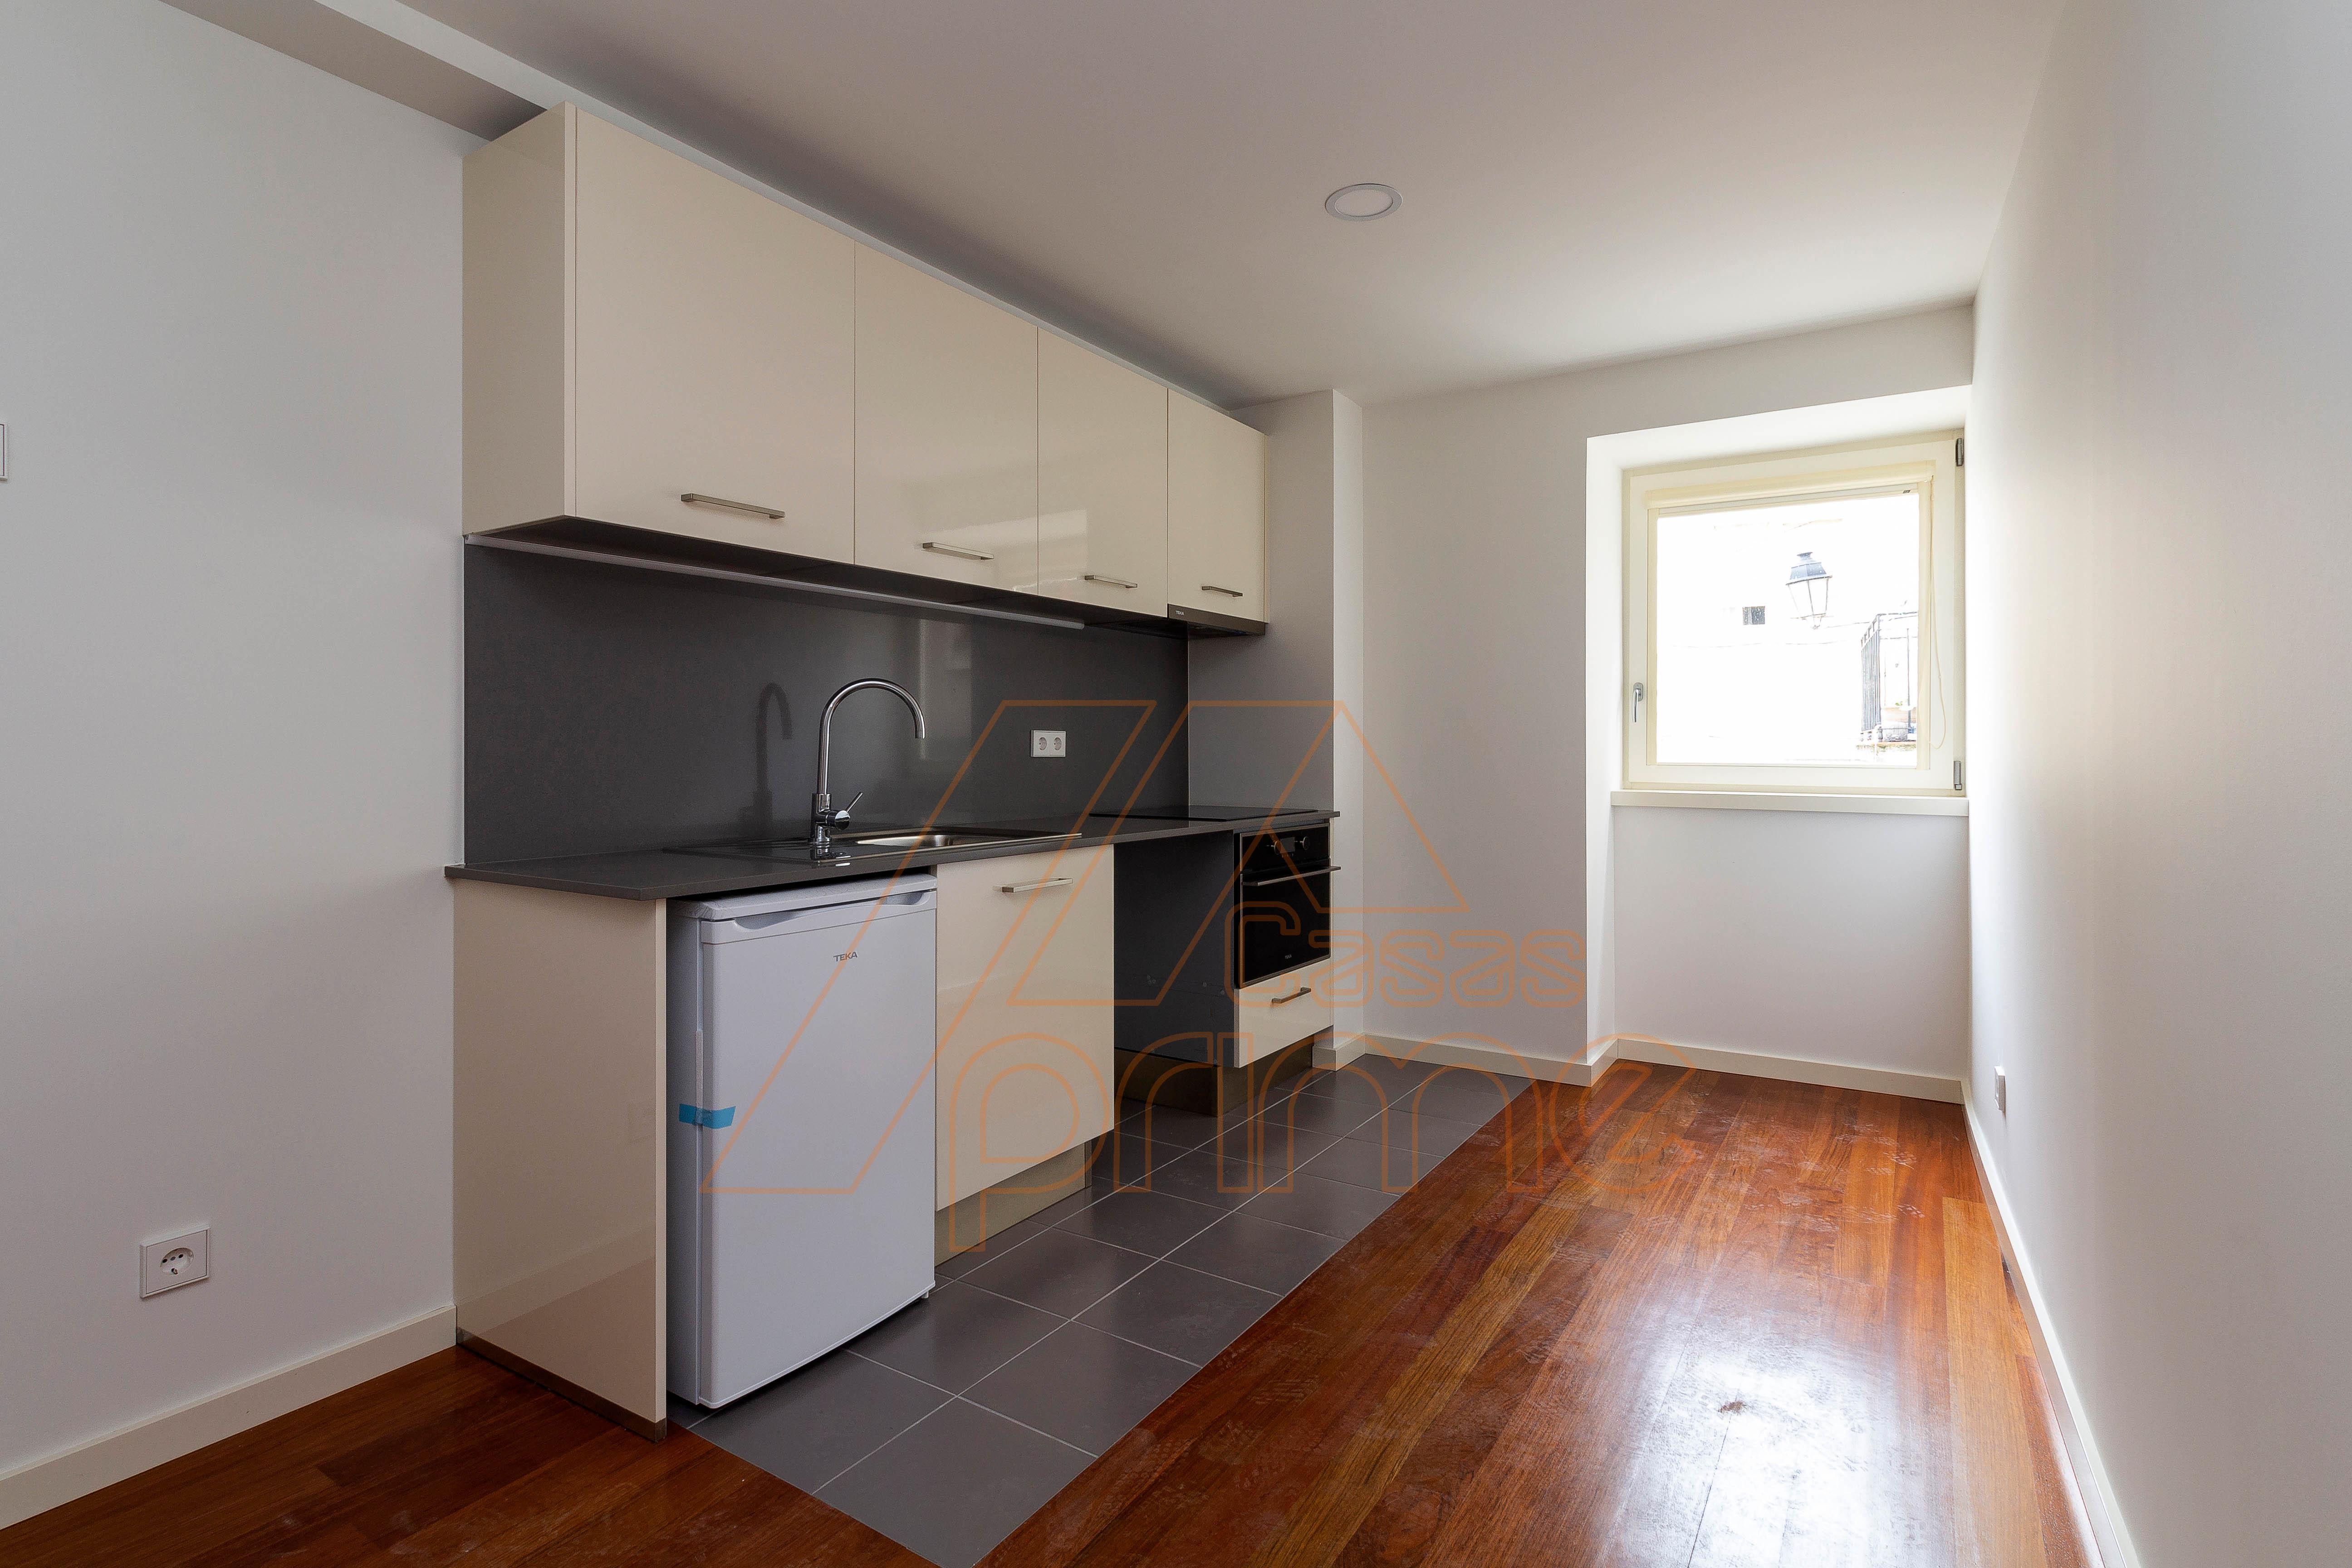 Appartement Studio Kitchenette